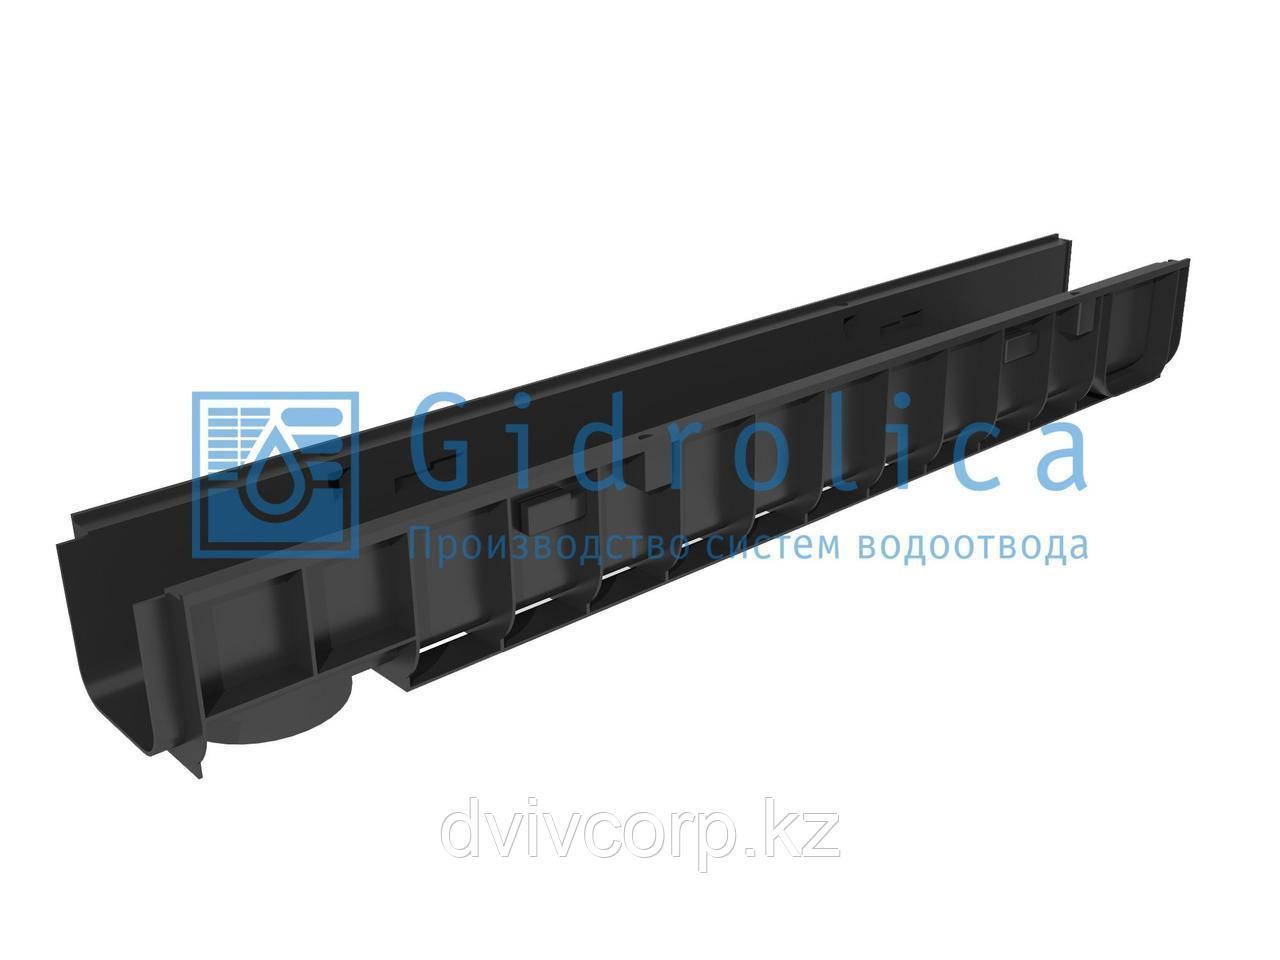 Арт. 801 Лоток водоотводный Gidrolica Standart ЛВ-10.14,5.12 - пластиковый